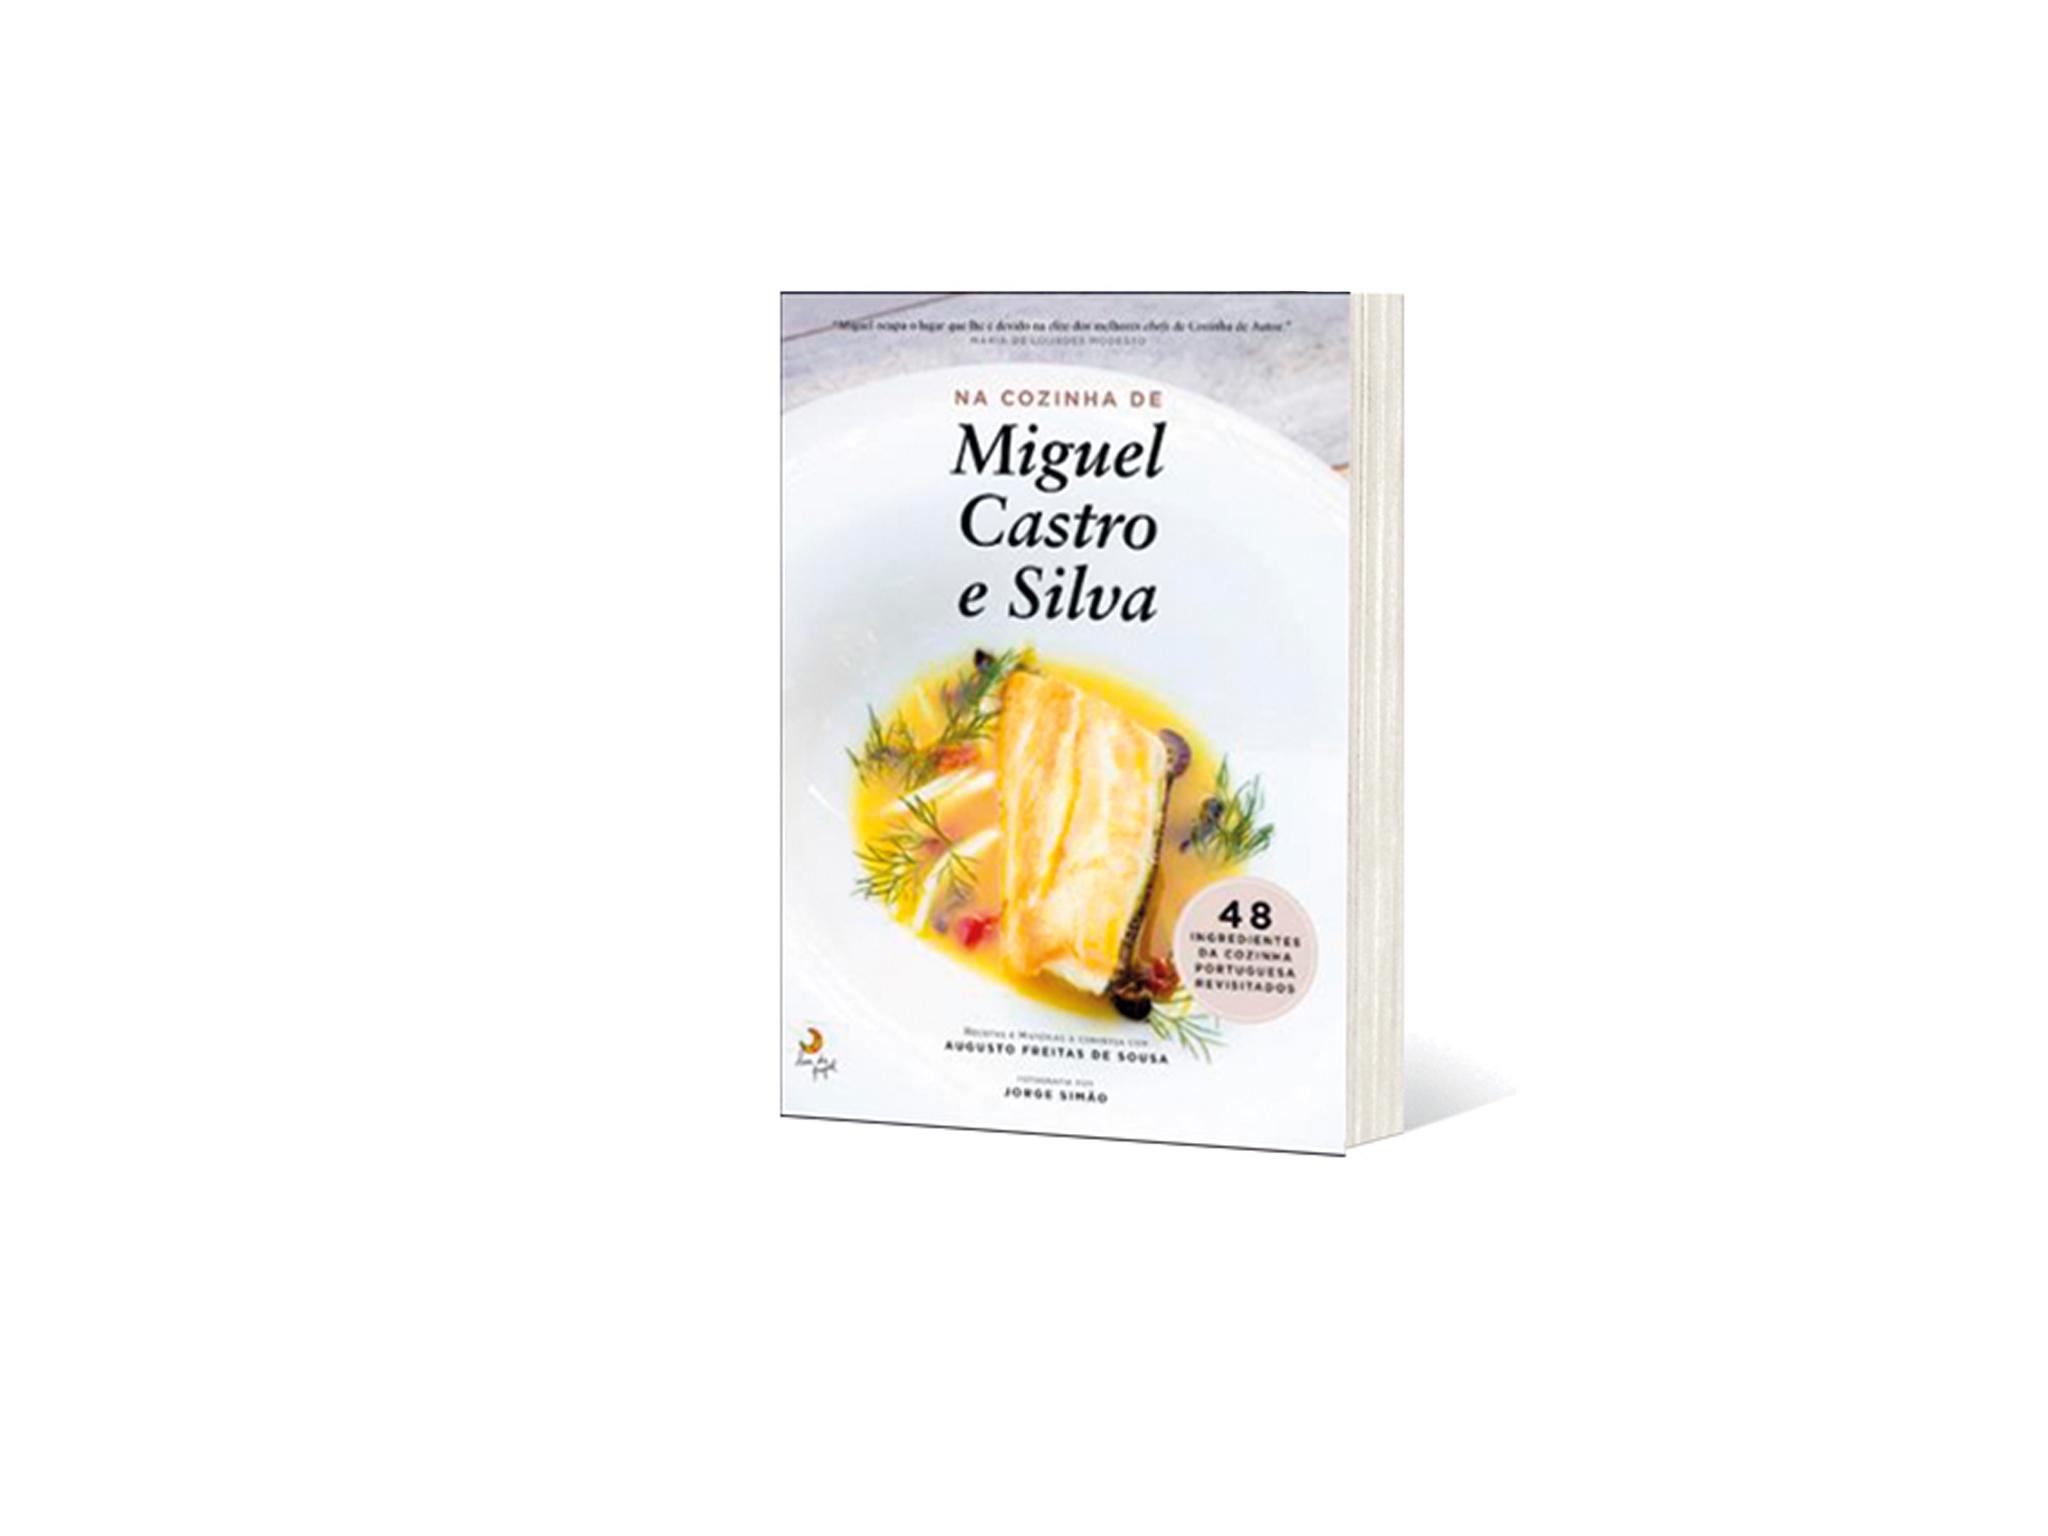 Na Cozinha de Miguel Castro e Silva